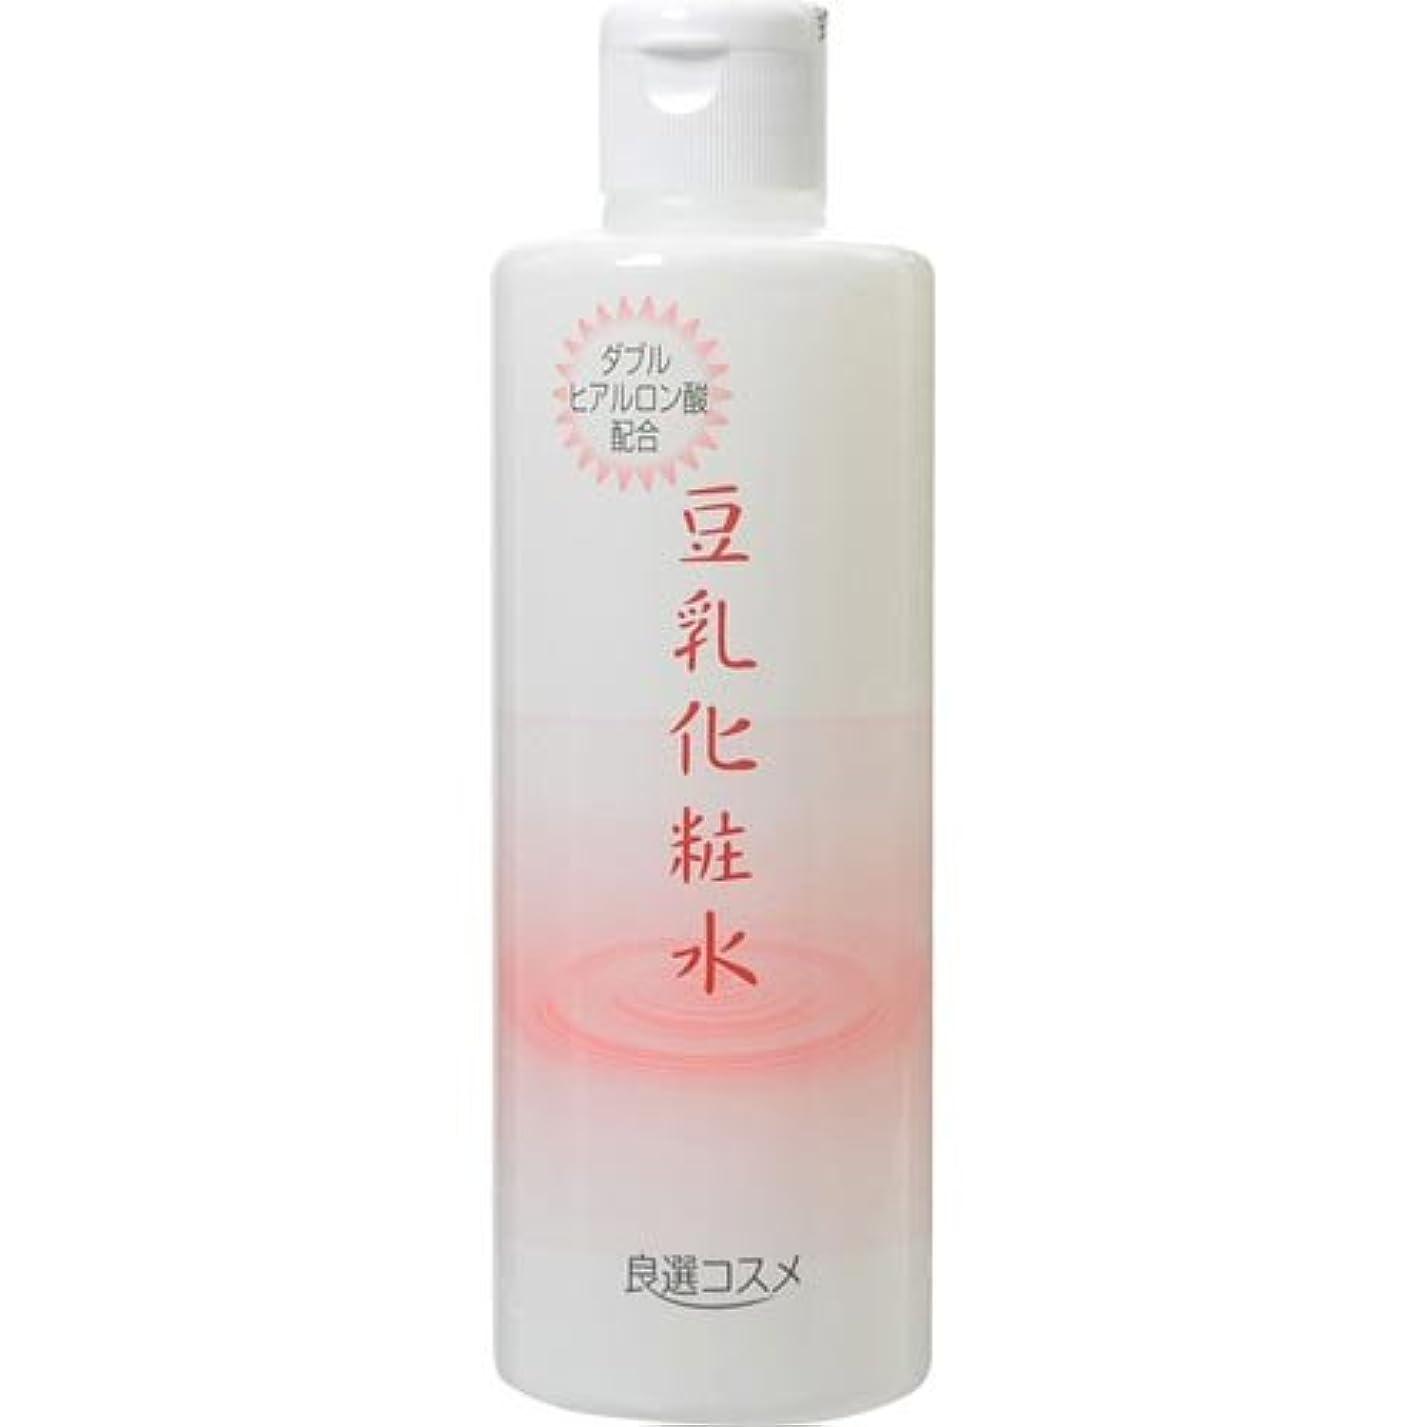 良選企画 豆乳化粧水 300ml